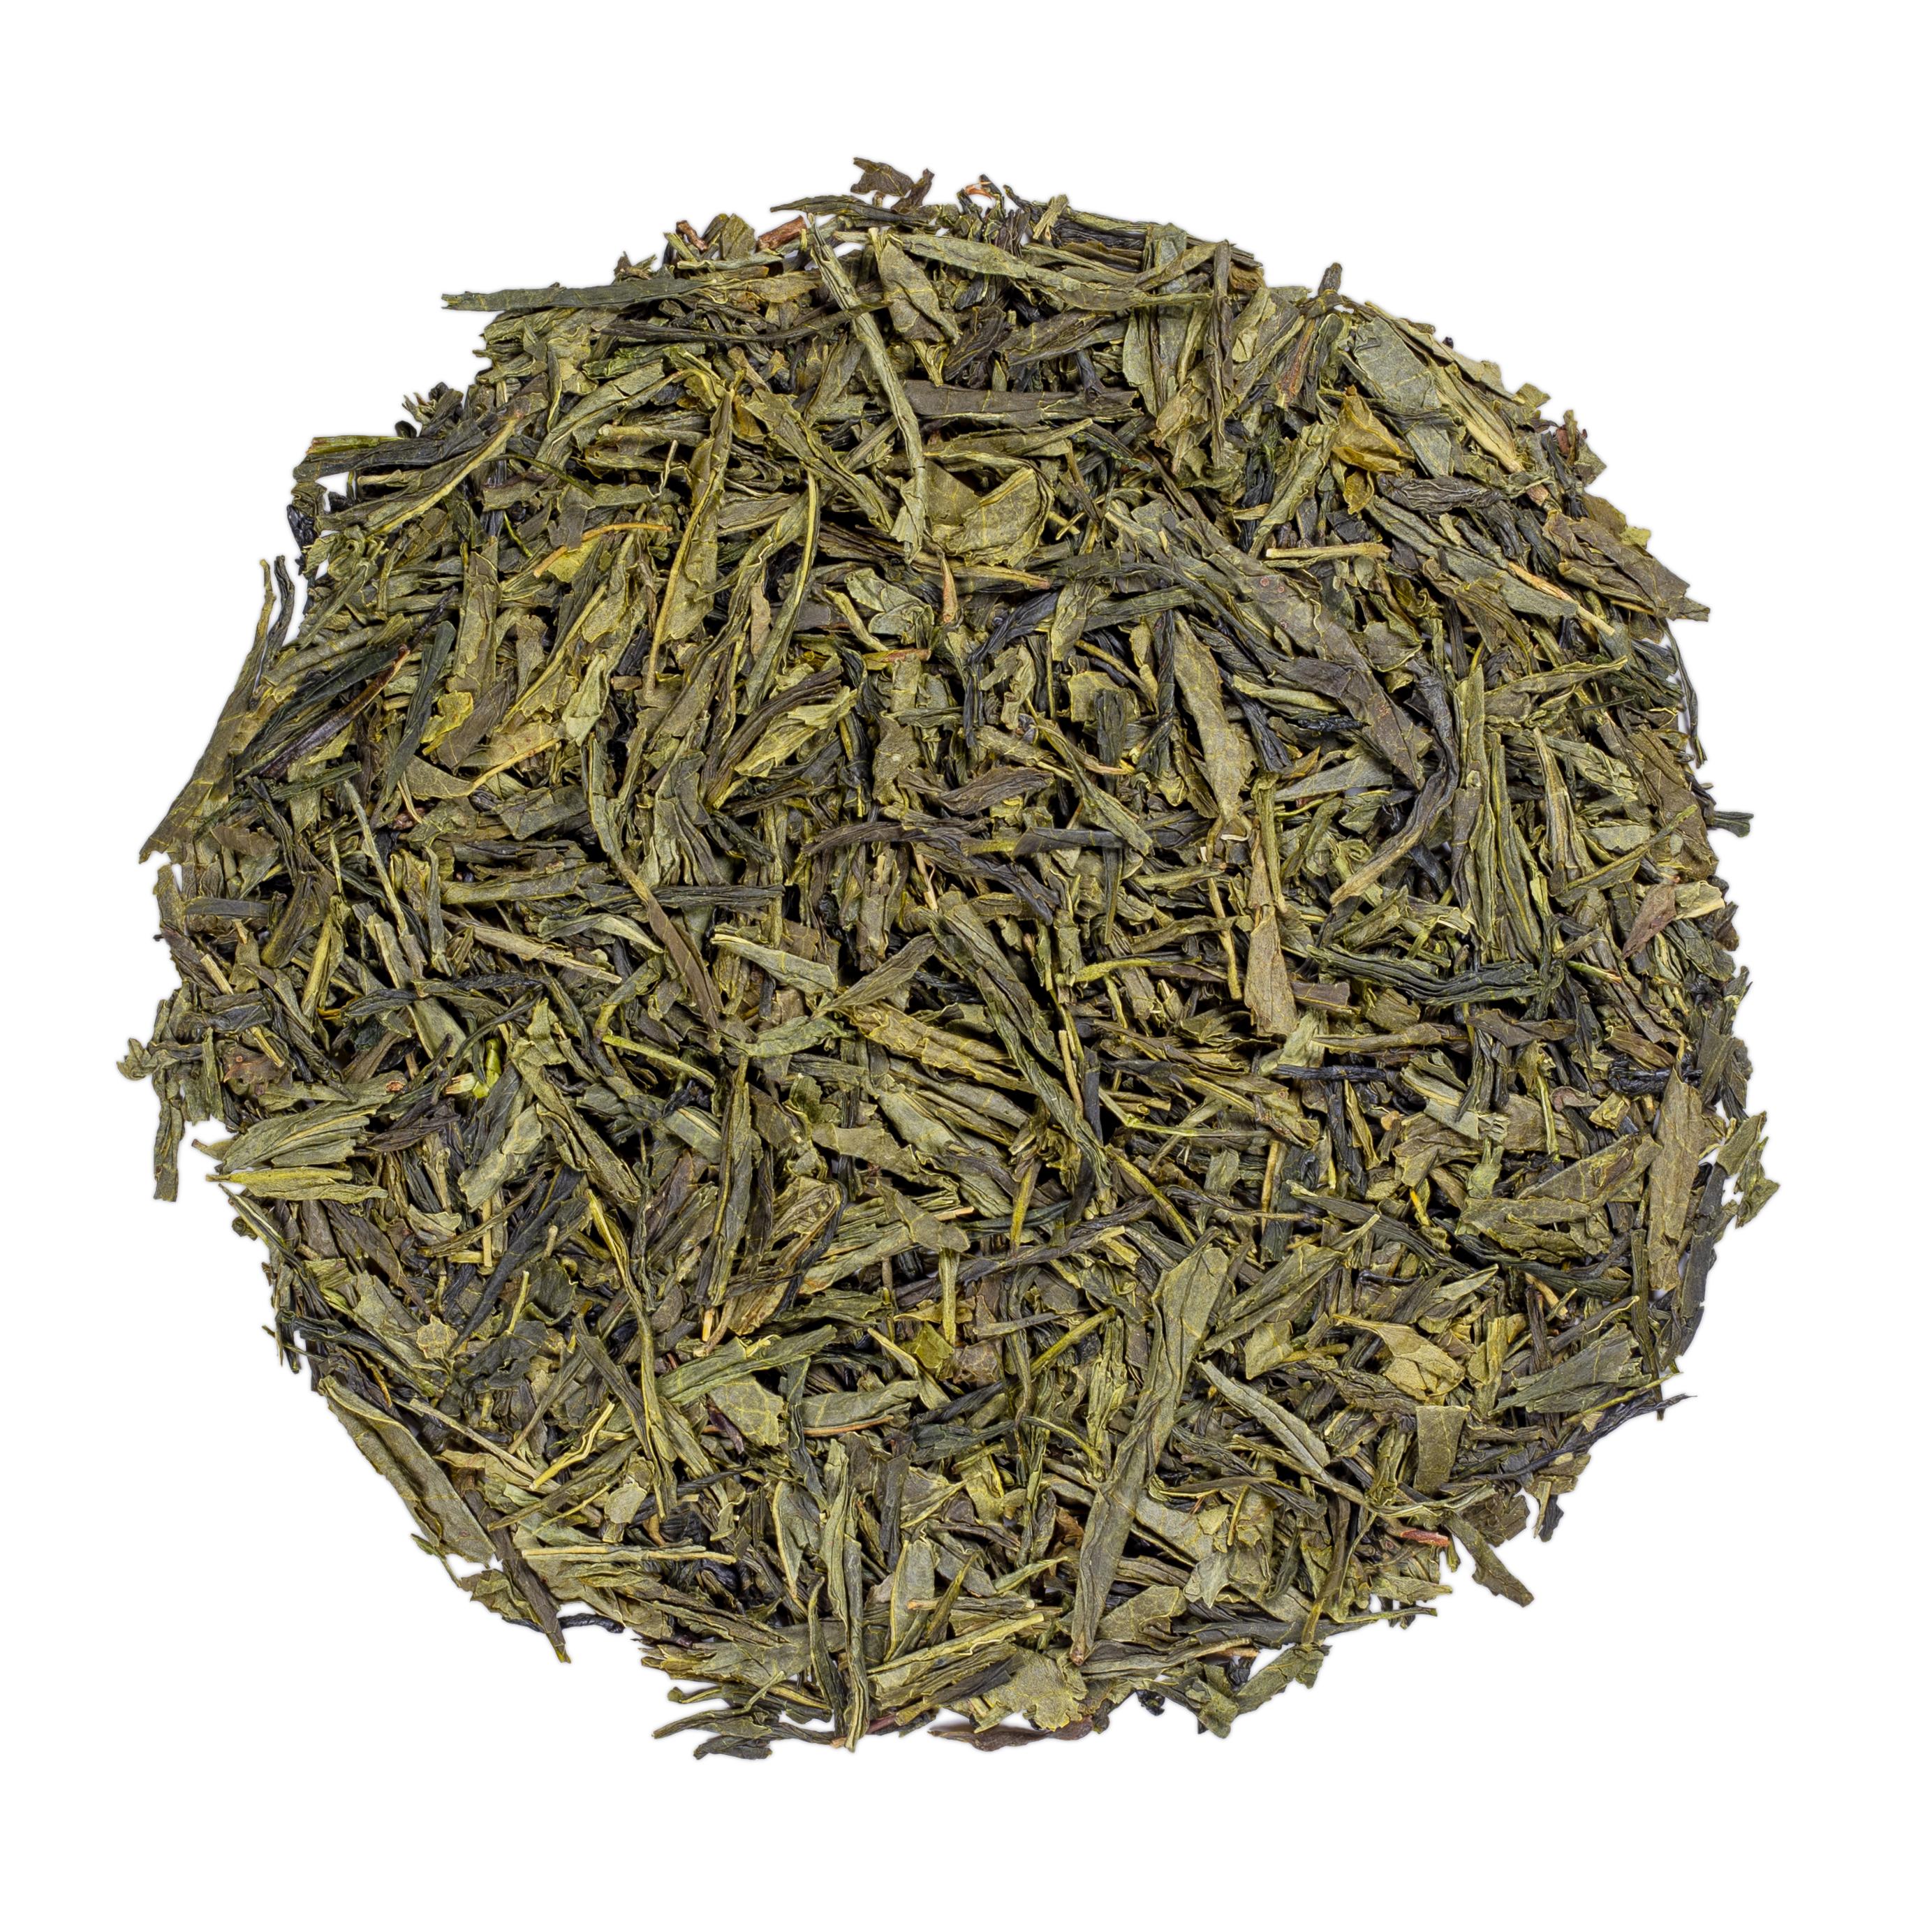 KUSMI TEA Thé Vert de Chine bio - Thé vert de Chine - Thé en vrac - Kusmi Tea